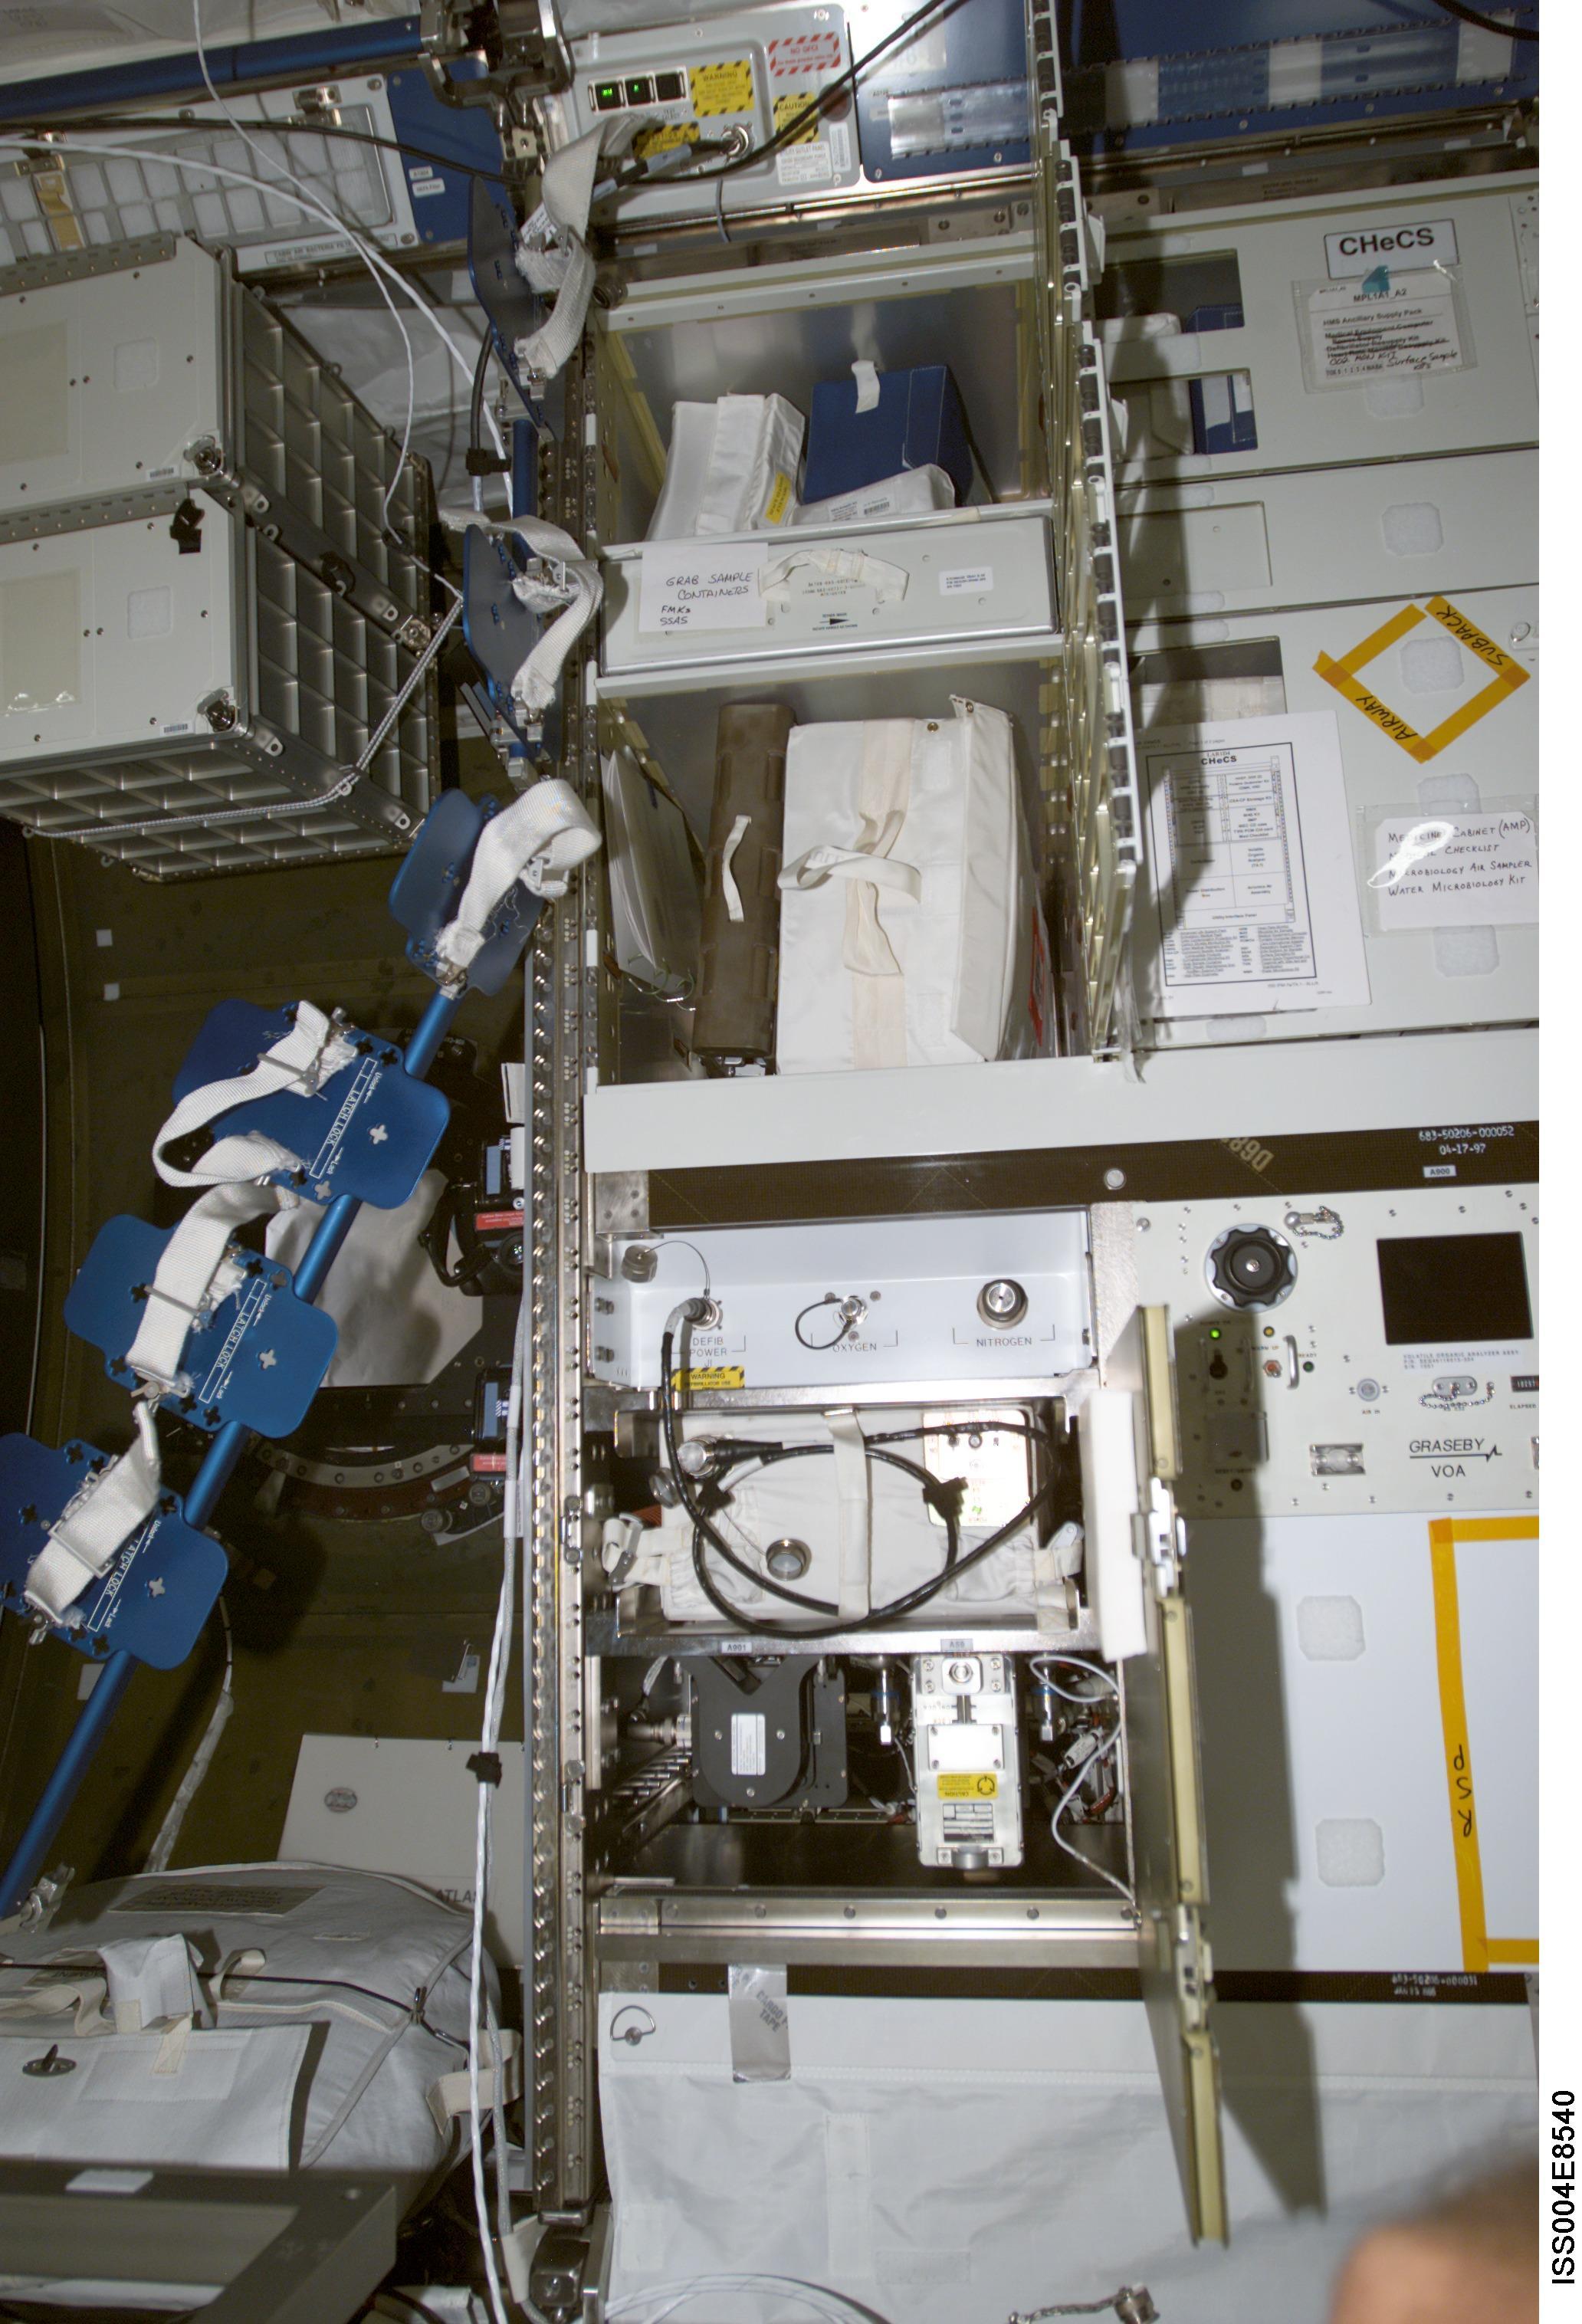 Nasa International Space Station Medical Monitoring